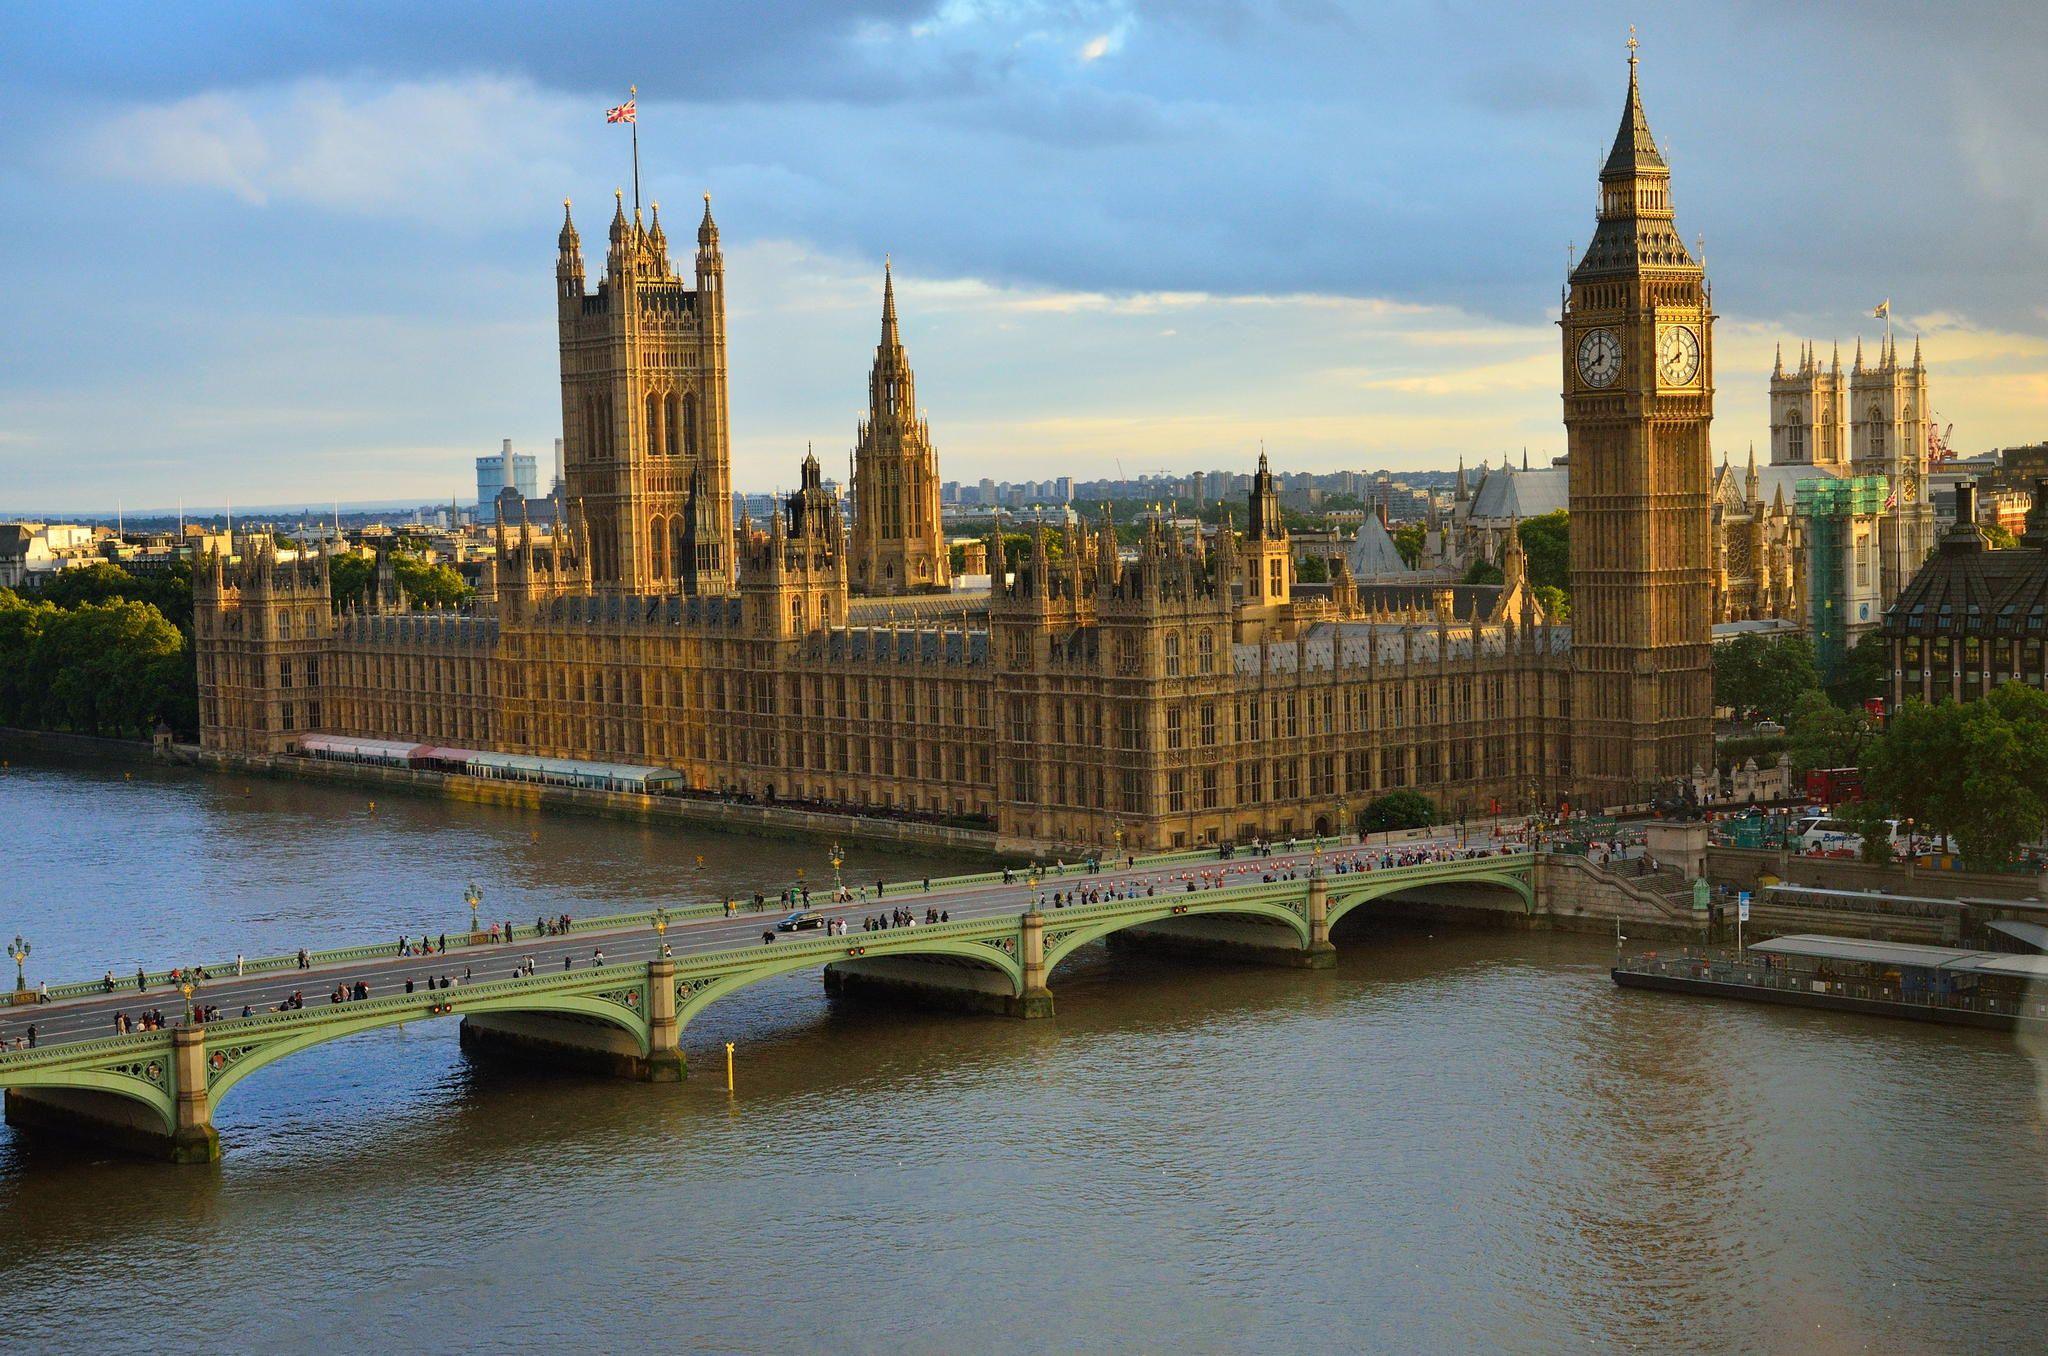 Fotografía An Eye on London por MeekSuperGeek en 500px Vista del Big Ben, el Parlamento Británico y la Abadía de Westiminster, Londres, (capital de Inglaterra y el Reino Unido).